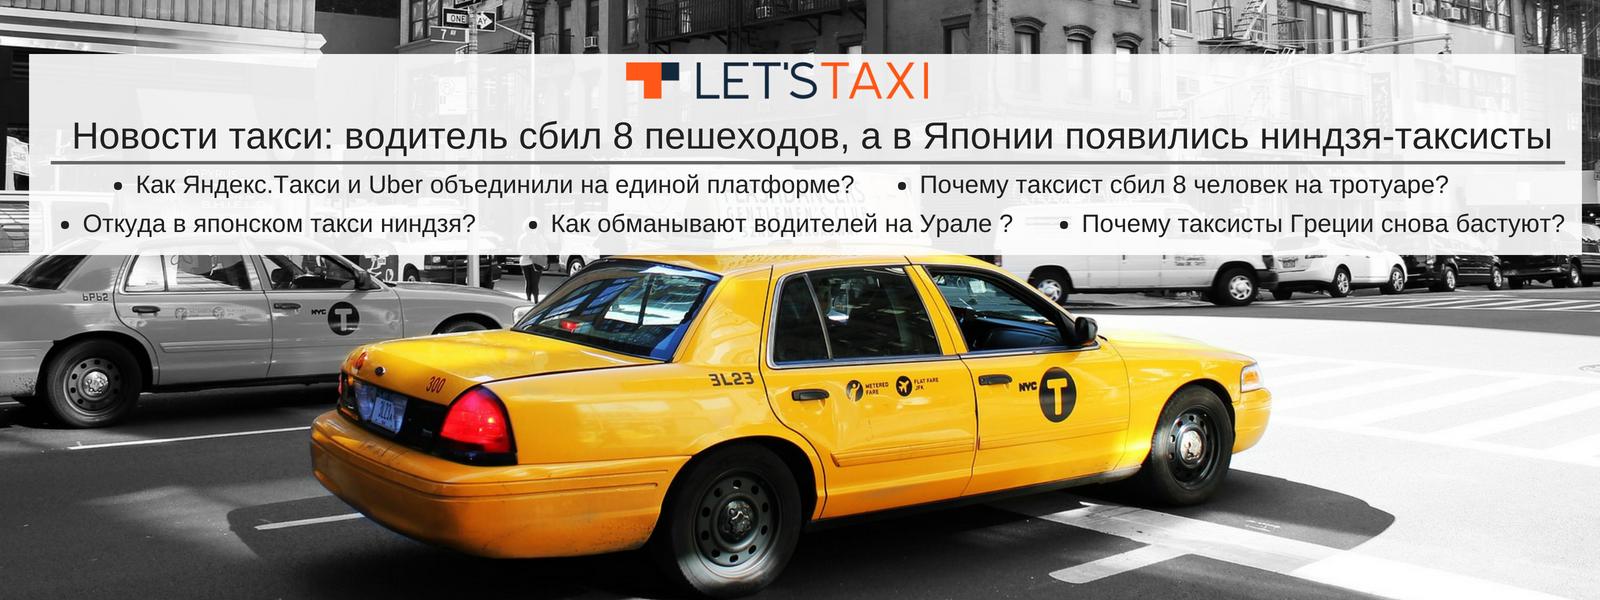 ДТП в Москве с таксистом